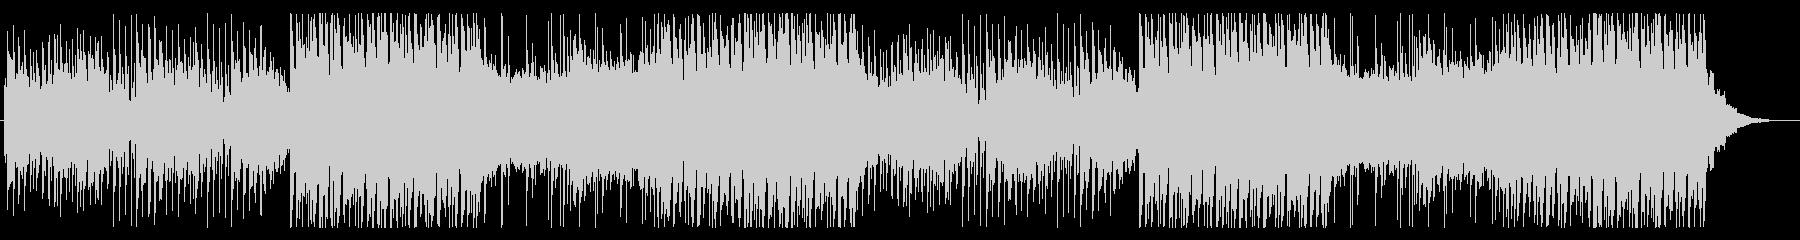 怪しく迫力のあるエレクトロポップの未再生の波形